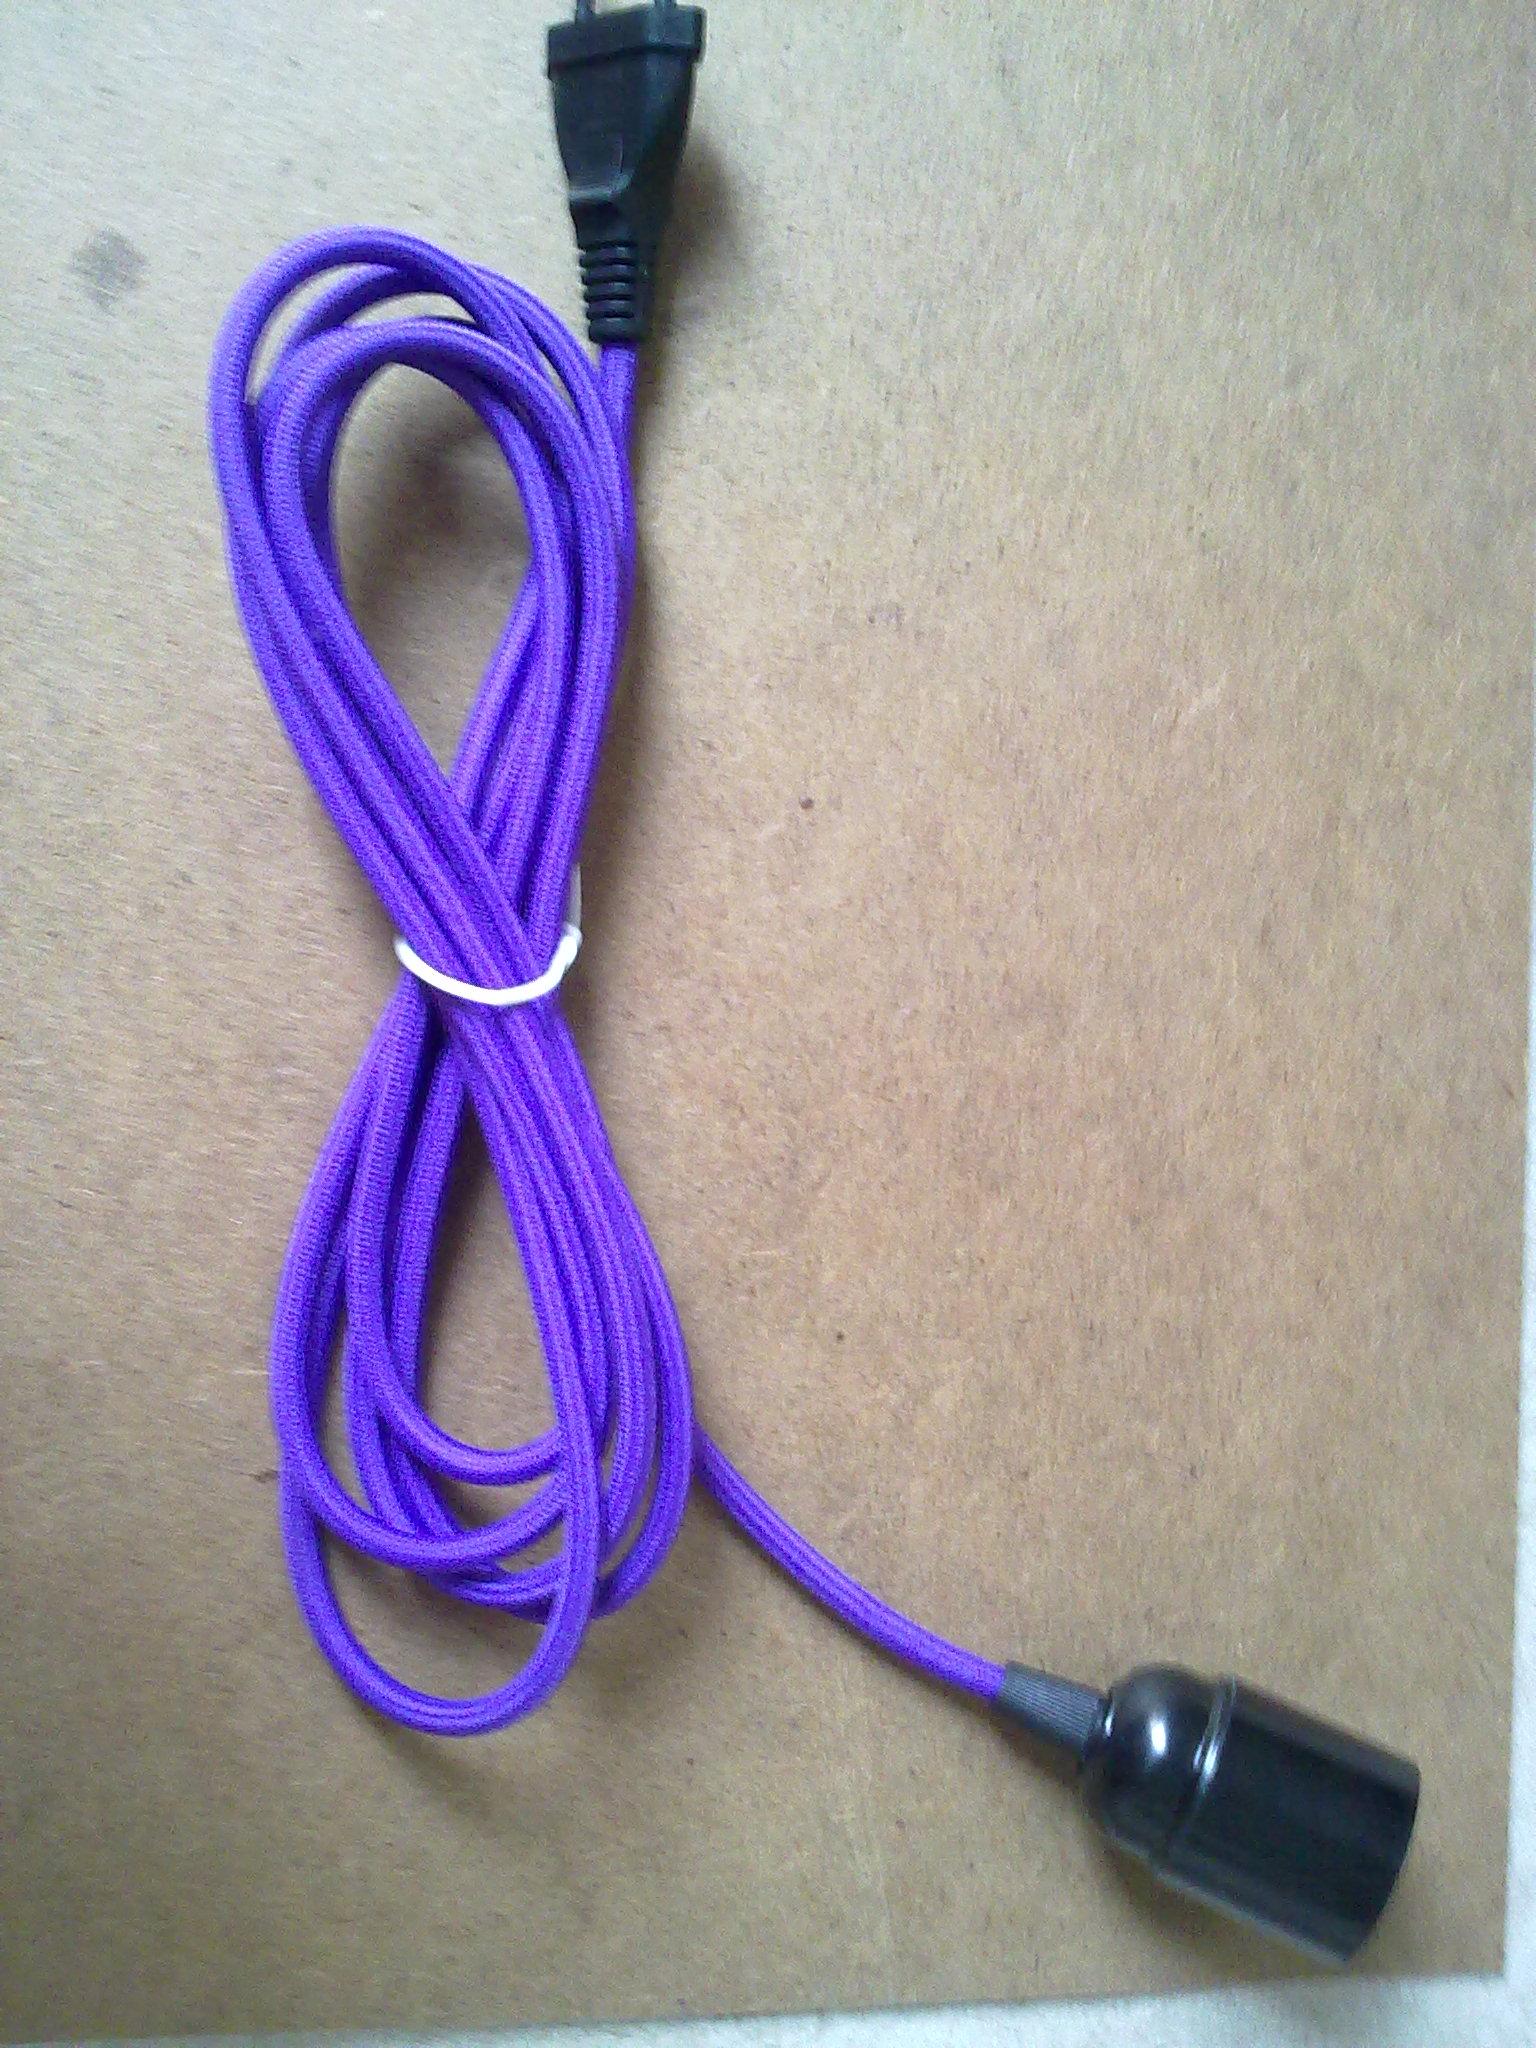 台灯吊灯配件,台灯插头电线带开关为灯头灯座,编织电源线